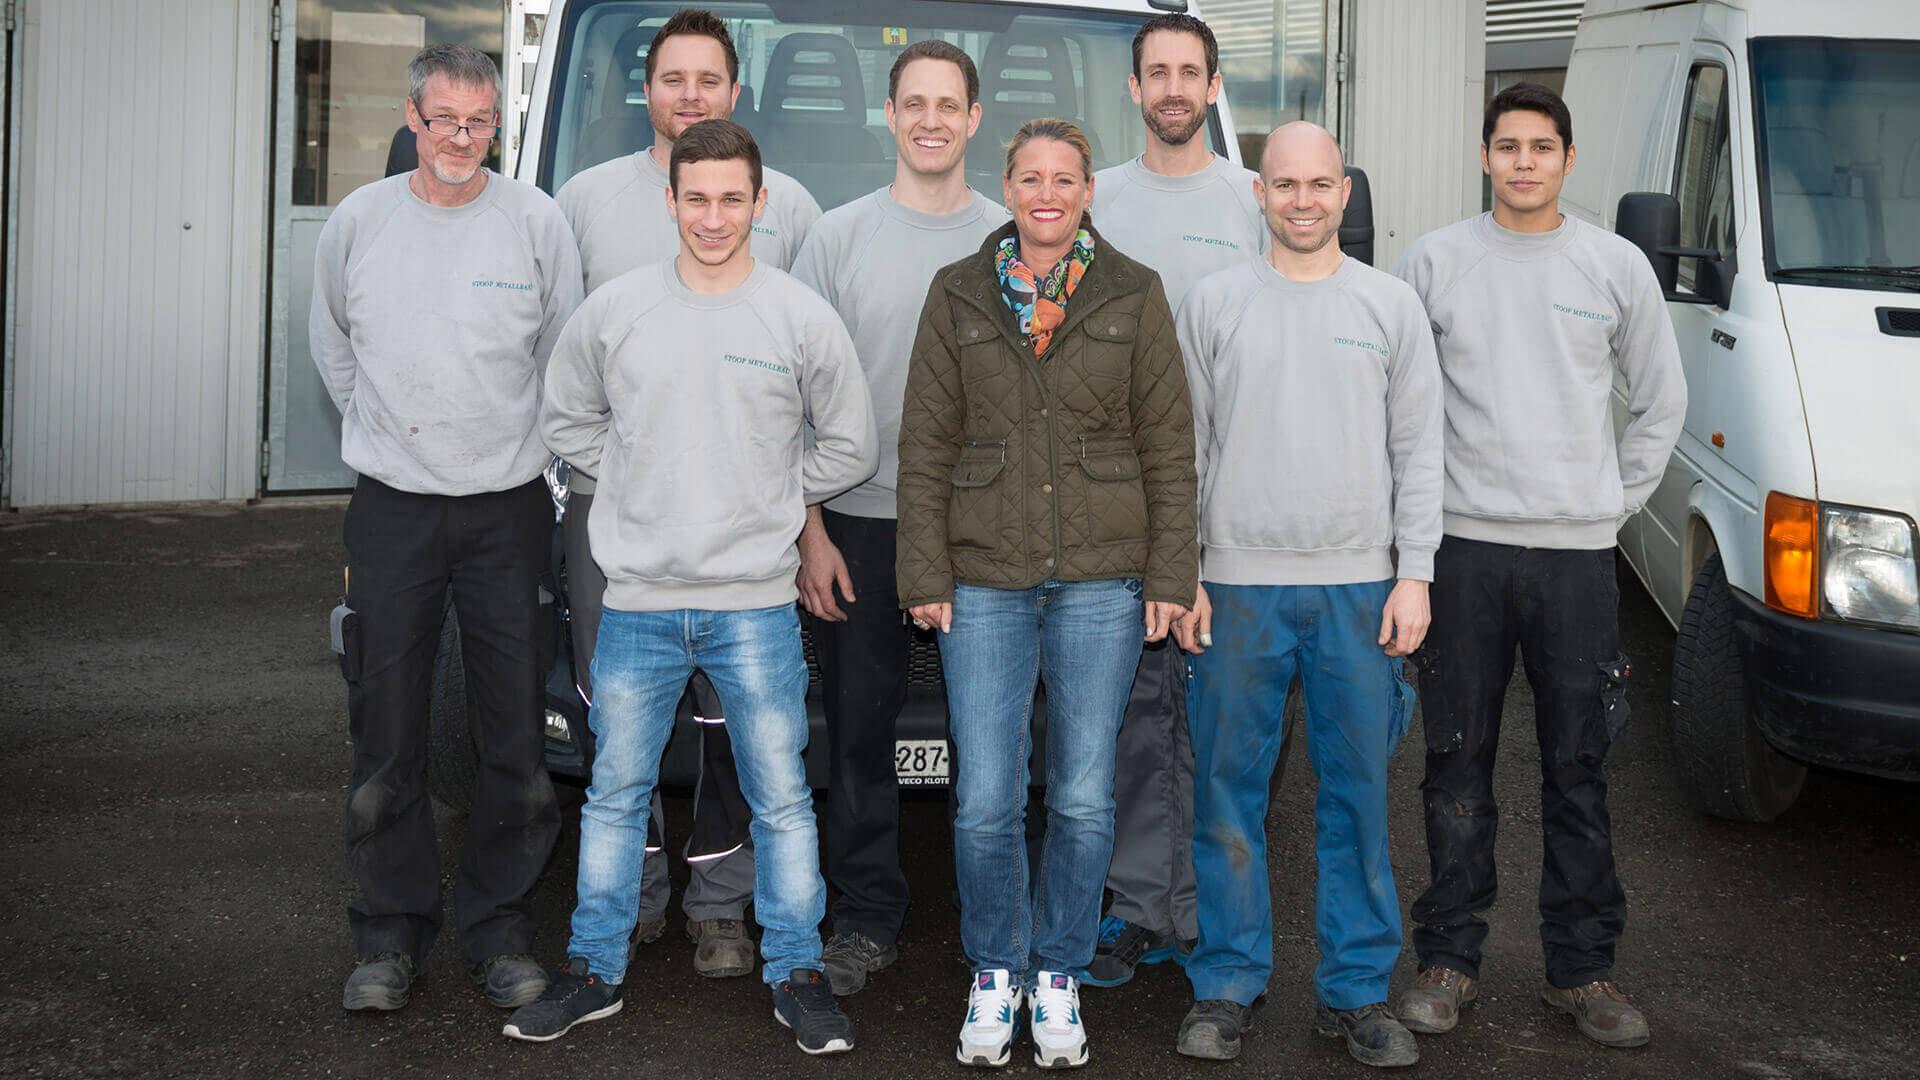 Stoop Metallbau Teamfoto